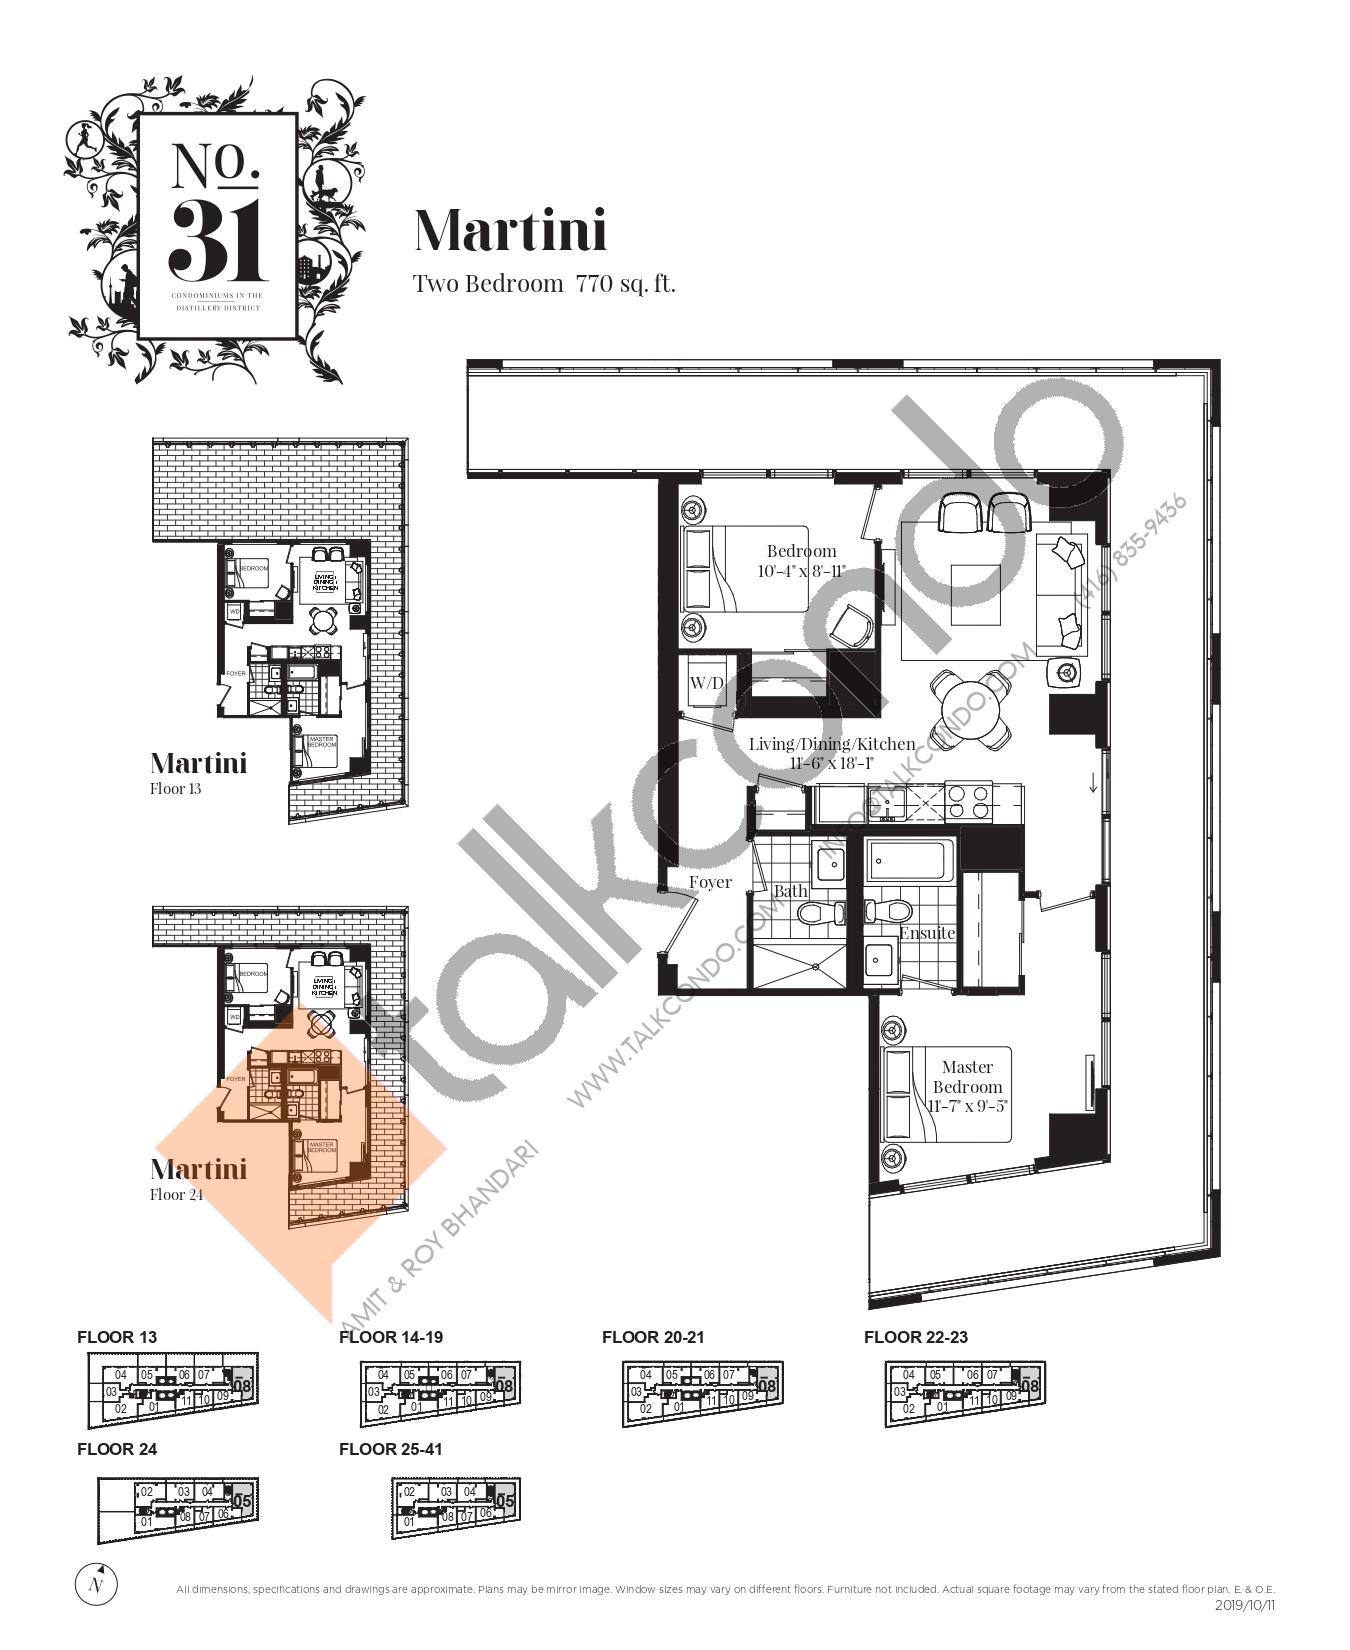 Martini Floor Plan at No. 31 Condos - 770 sq.ft